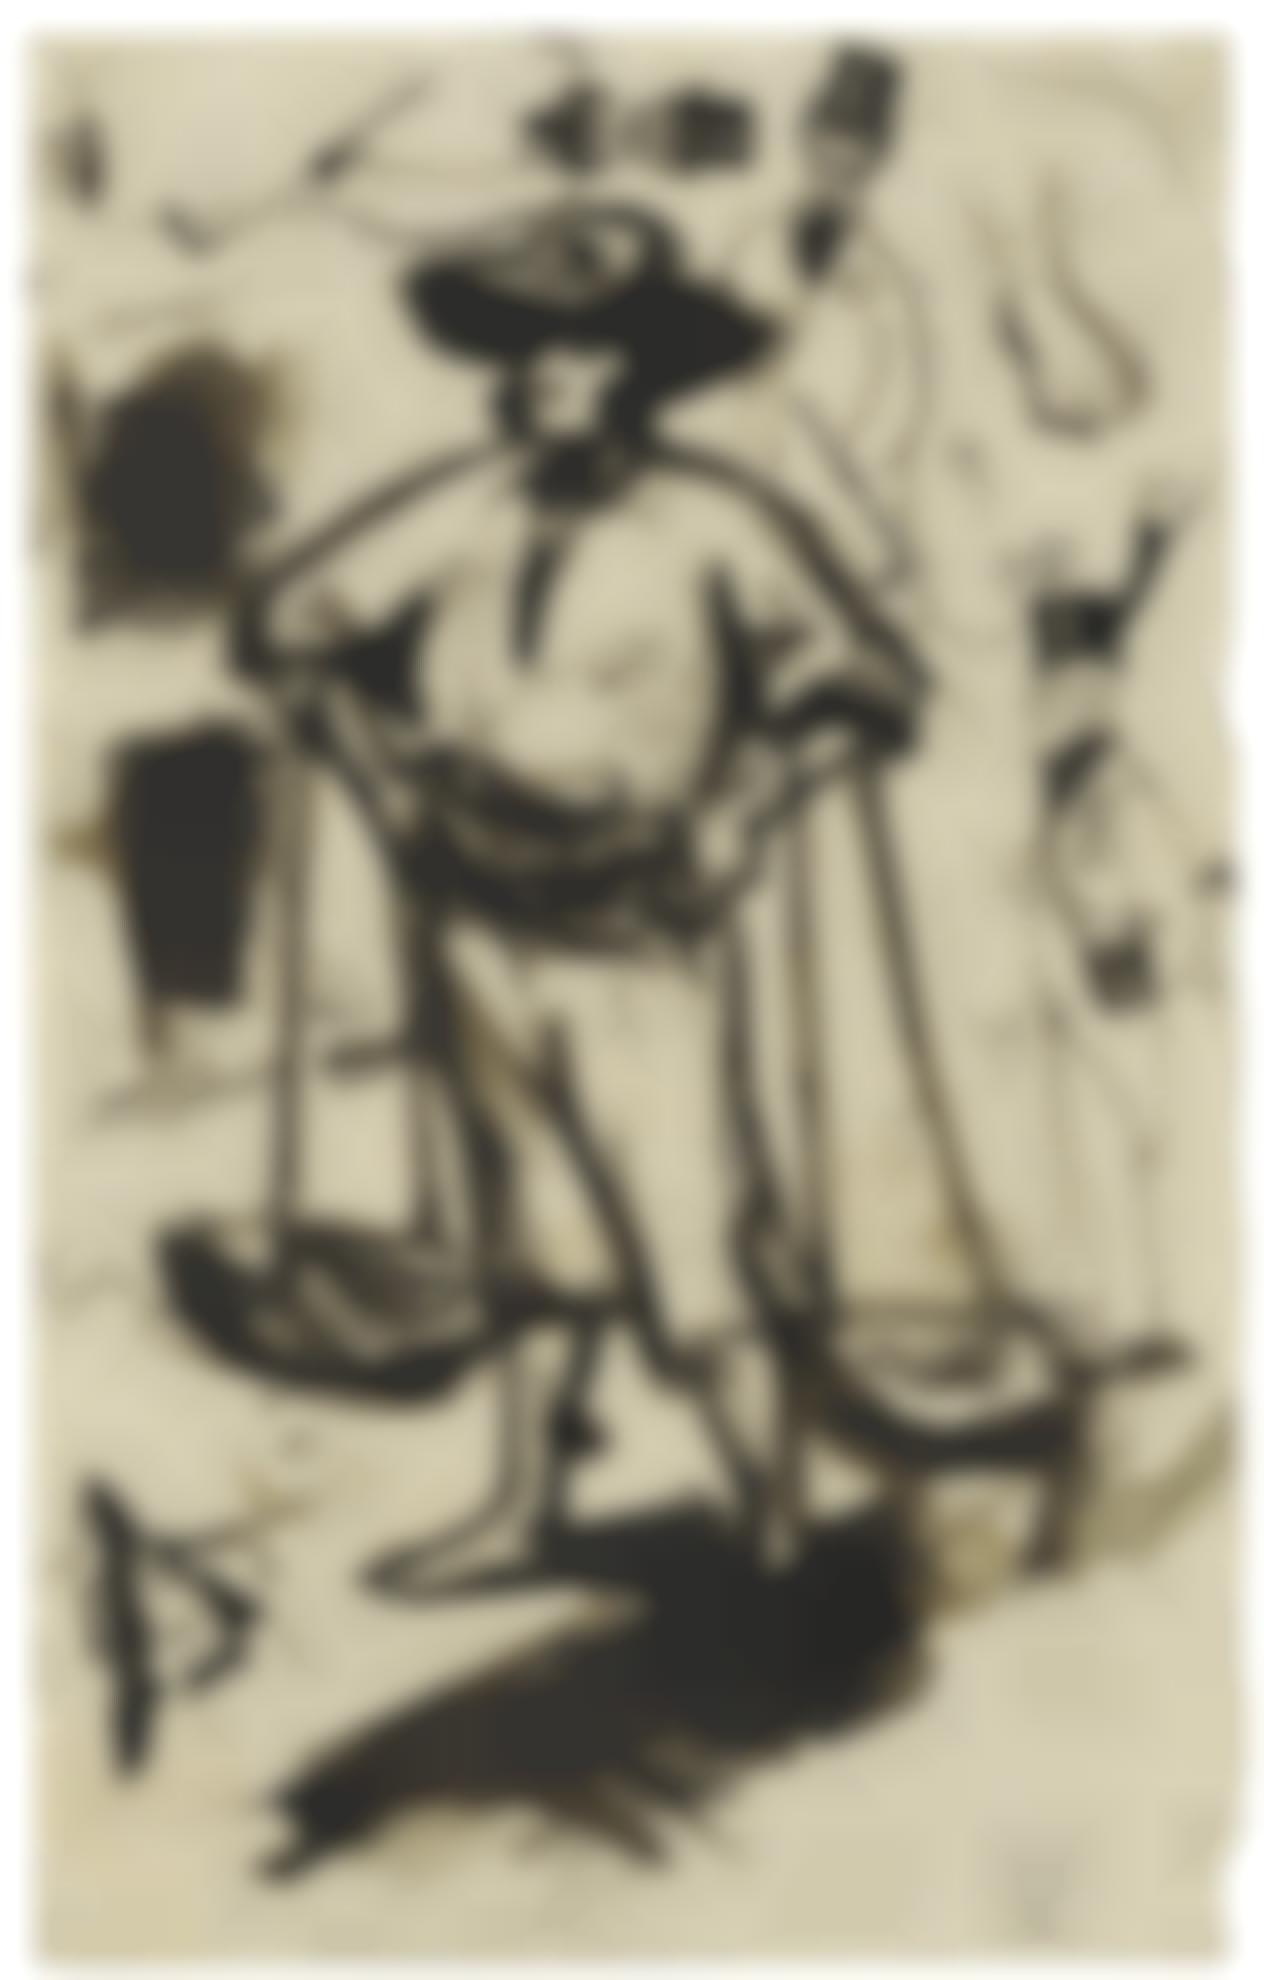 Pablo Picasso-Vendeur De Poisson A Malaga (Recto) & Etudes (Verso): A Double-Sided Work-1899